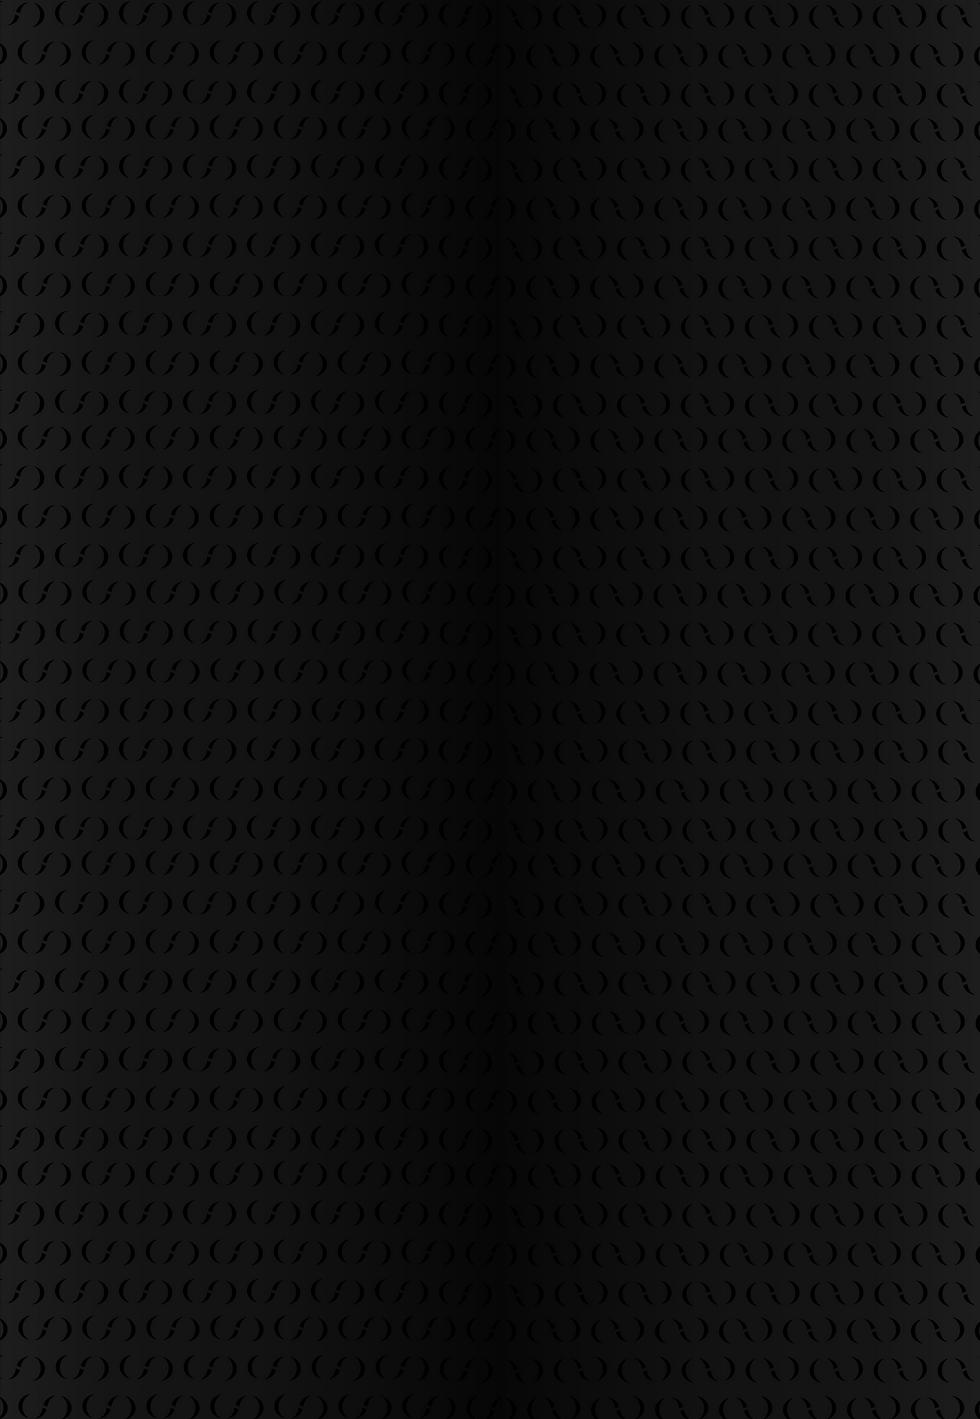 new new wallpaper medium black.png